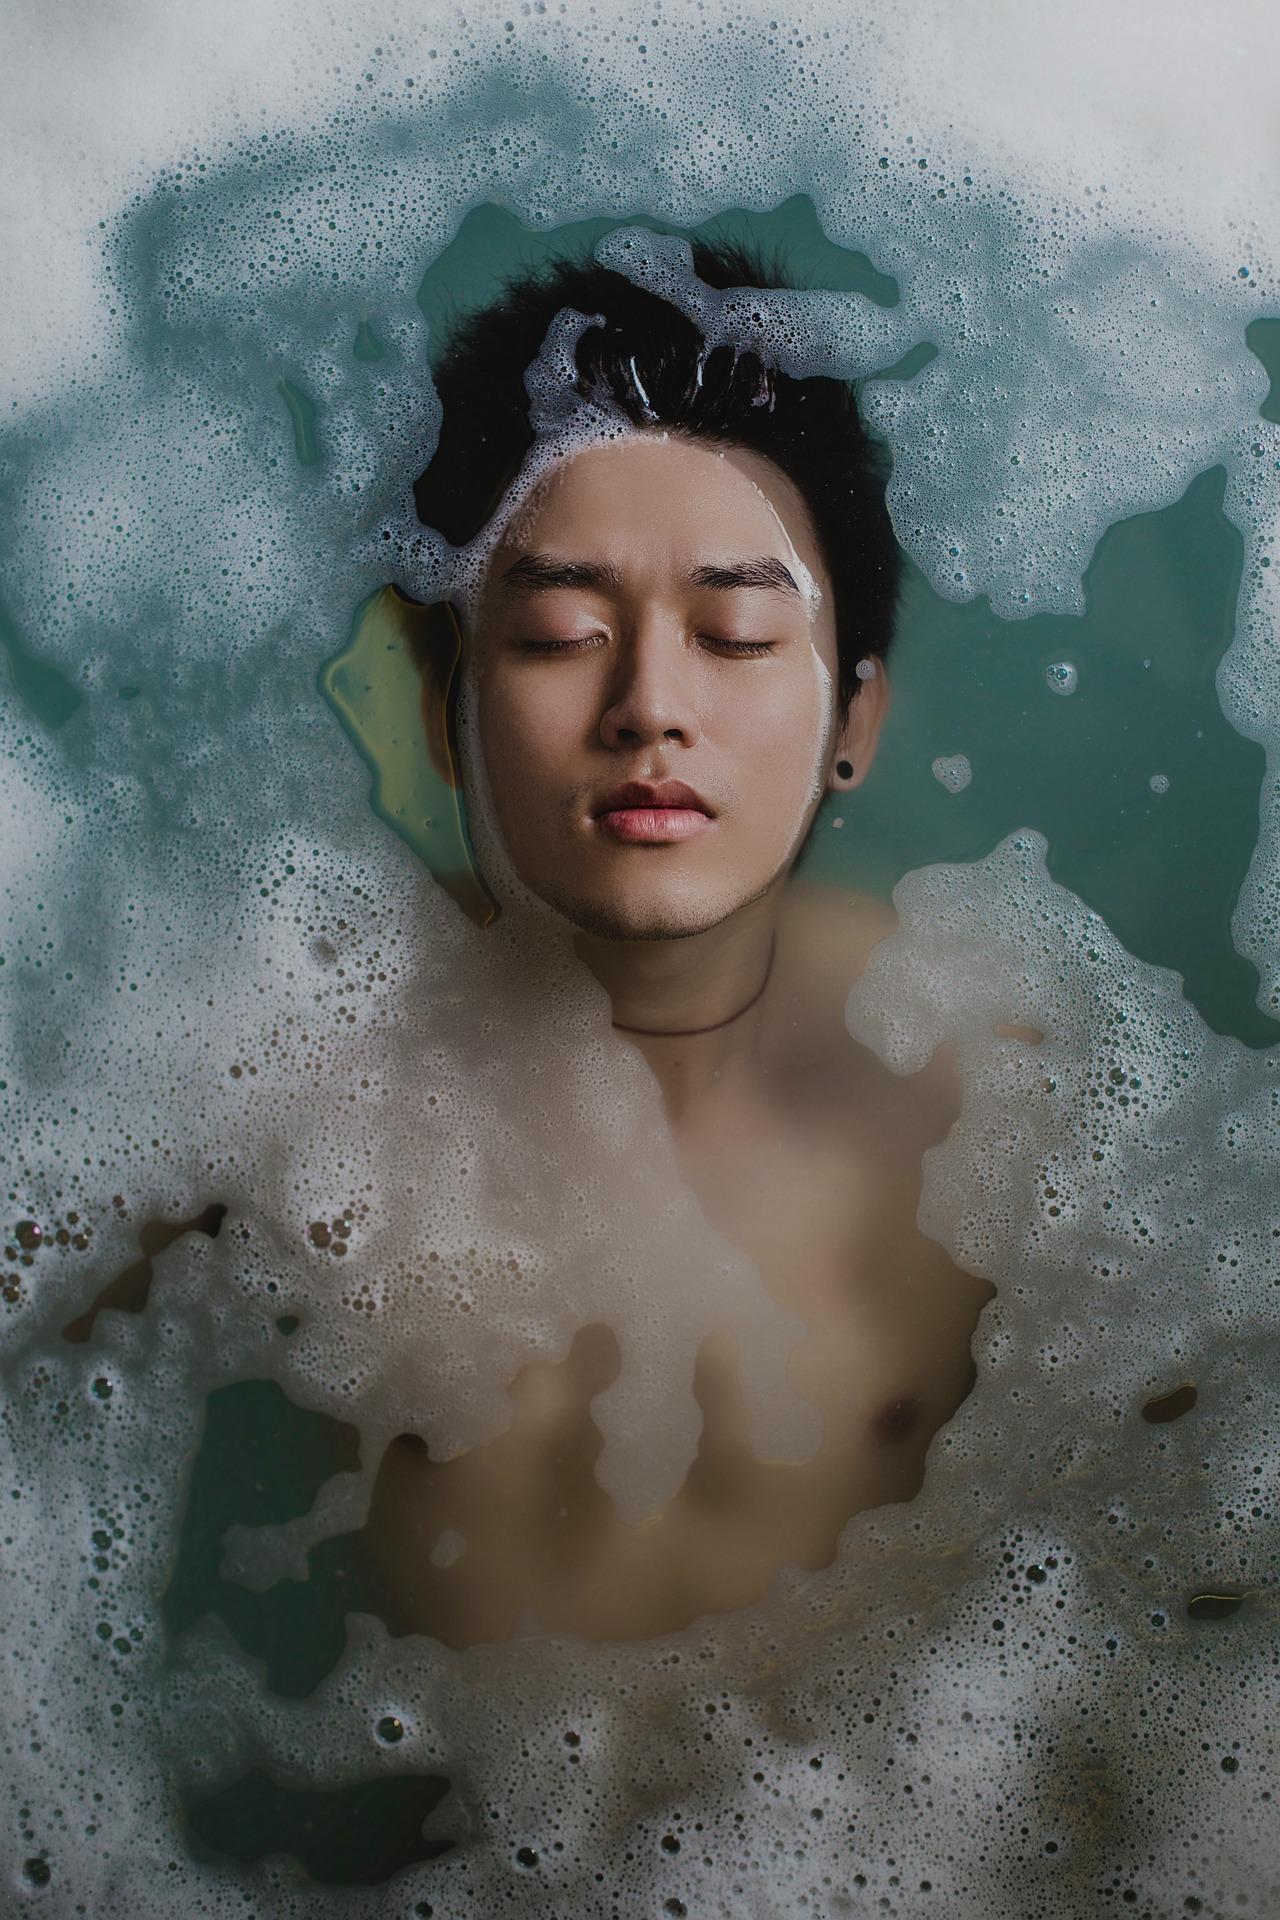 boy relaxed bath